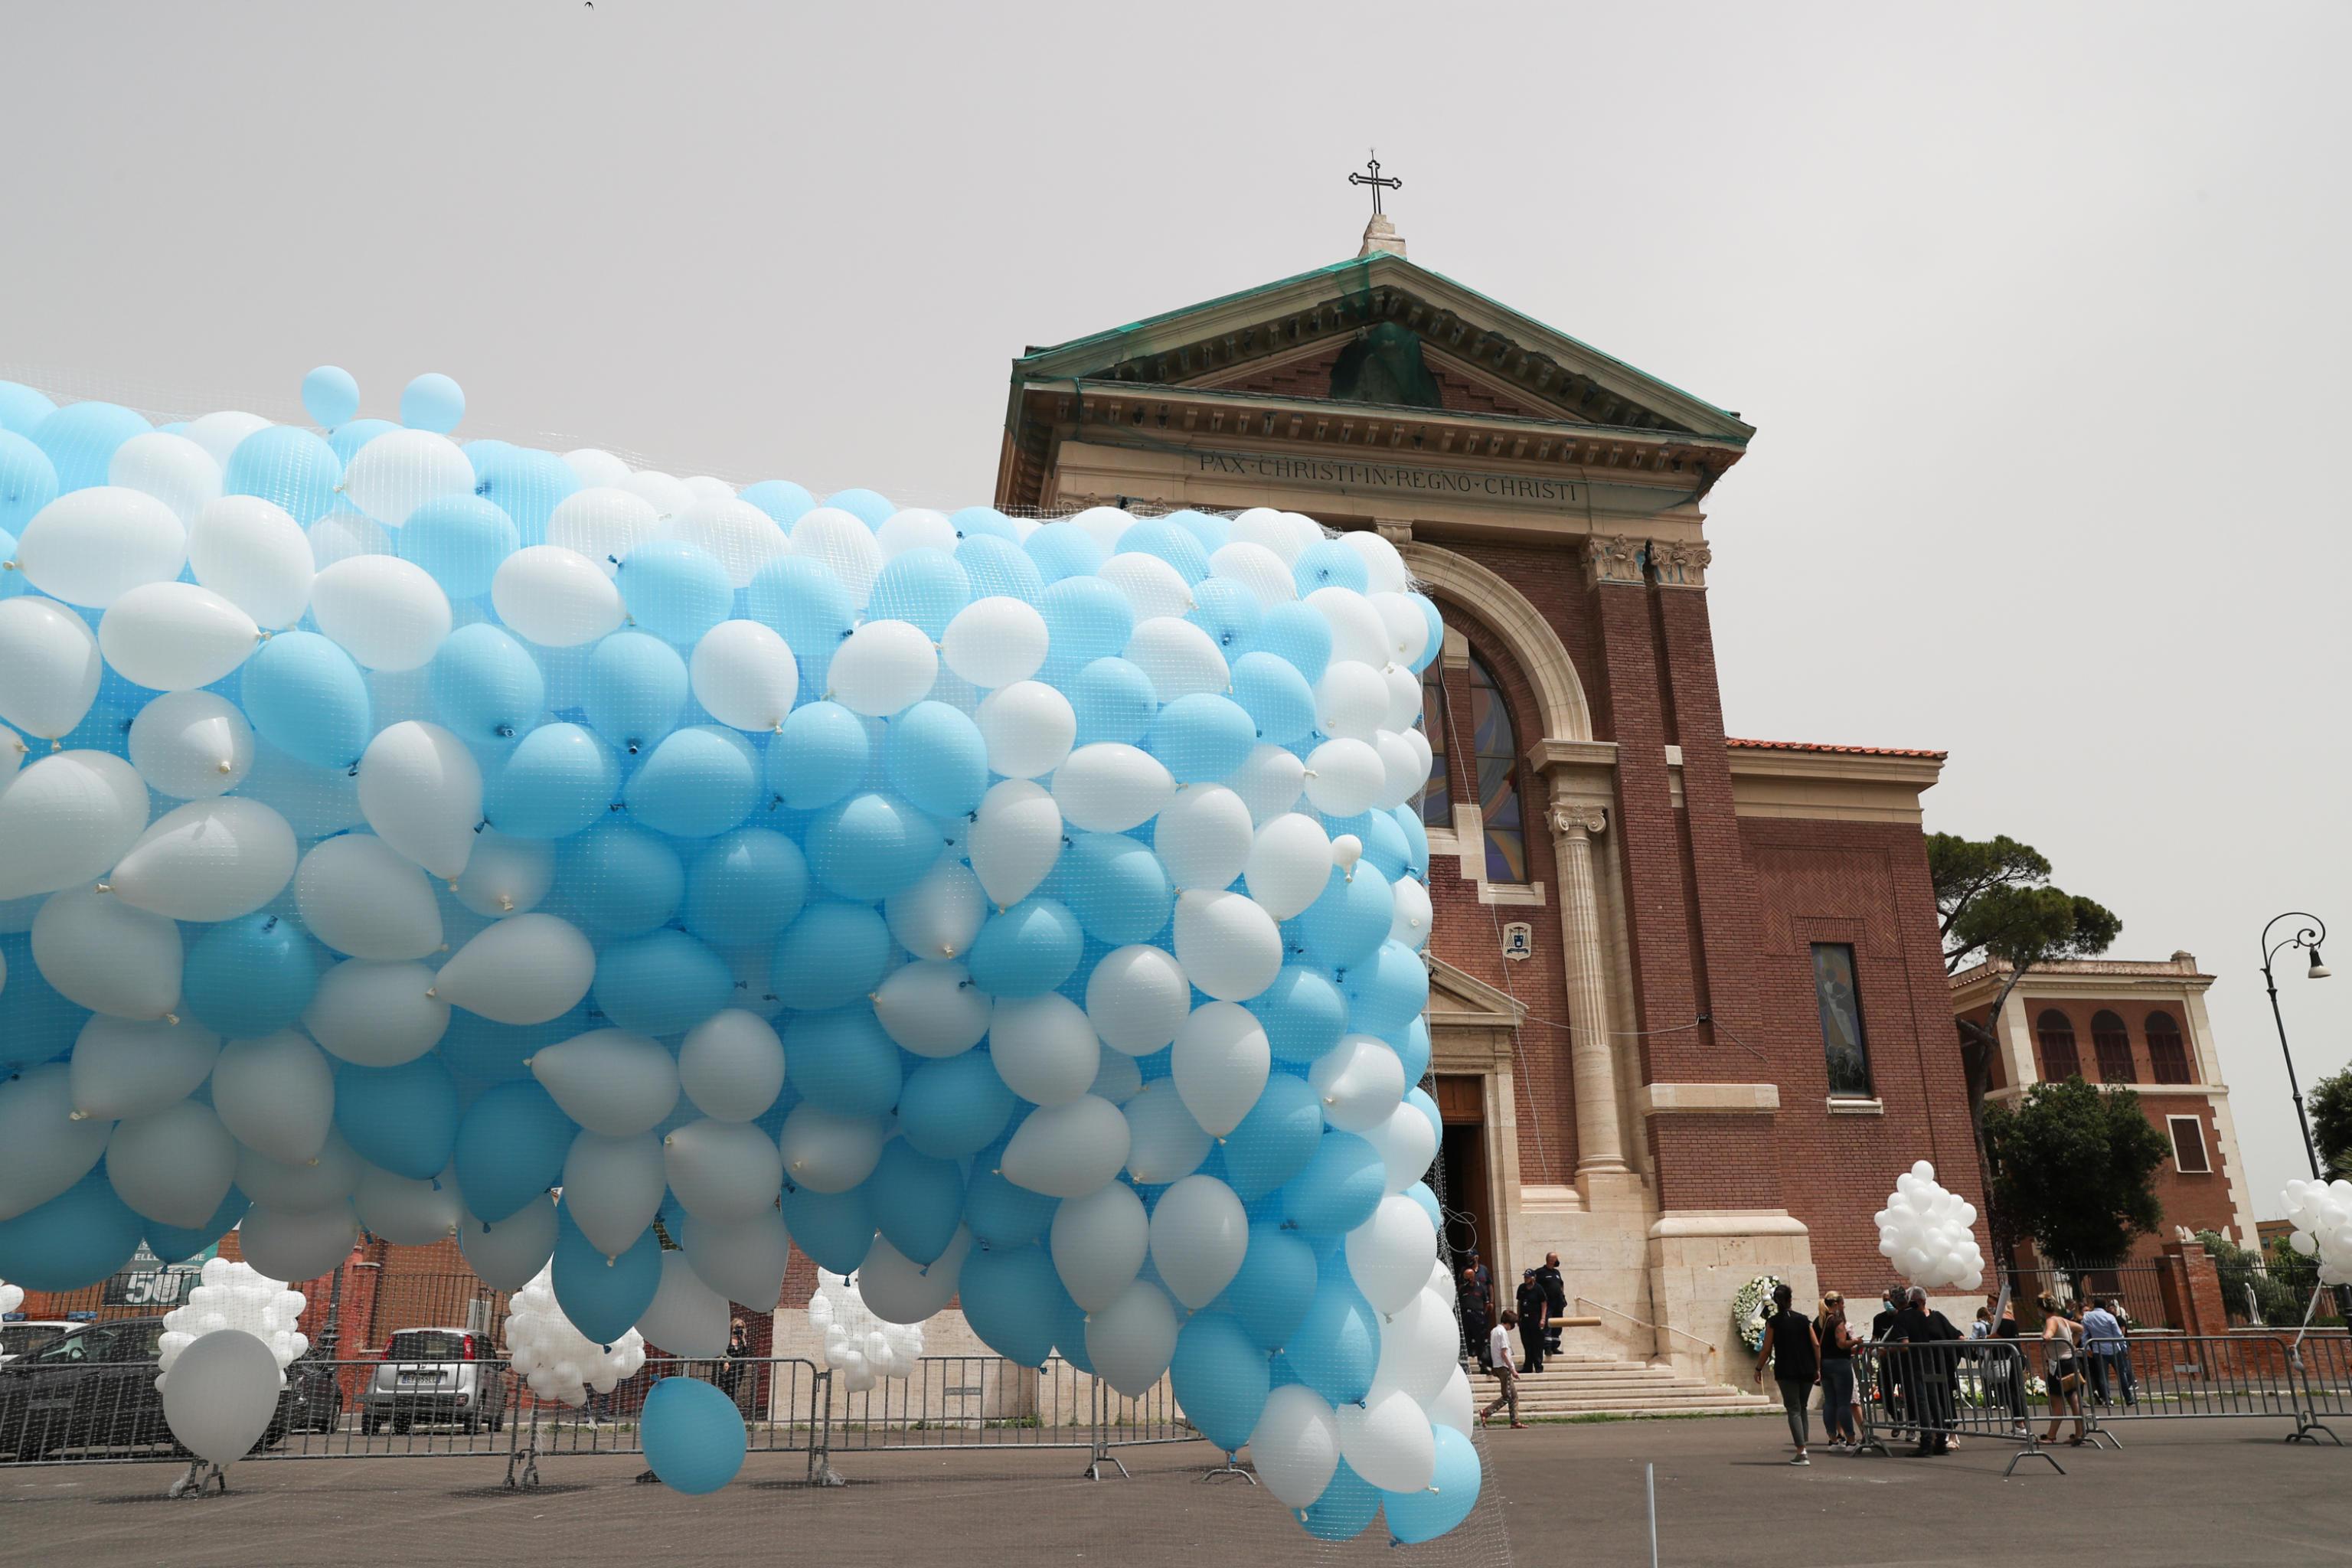 Strage di Ardea, al via i funerali dei fratelli Daniel e David. Fuori dalla chiesa centinaia di palloncini biancocelesti